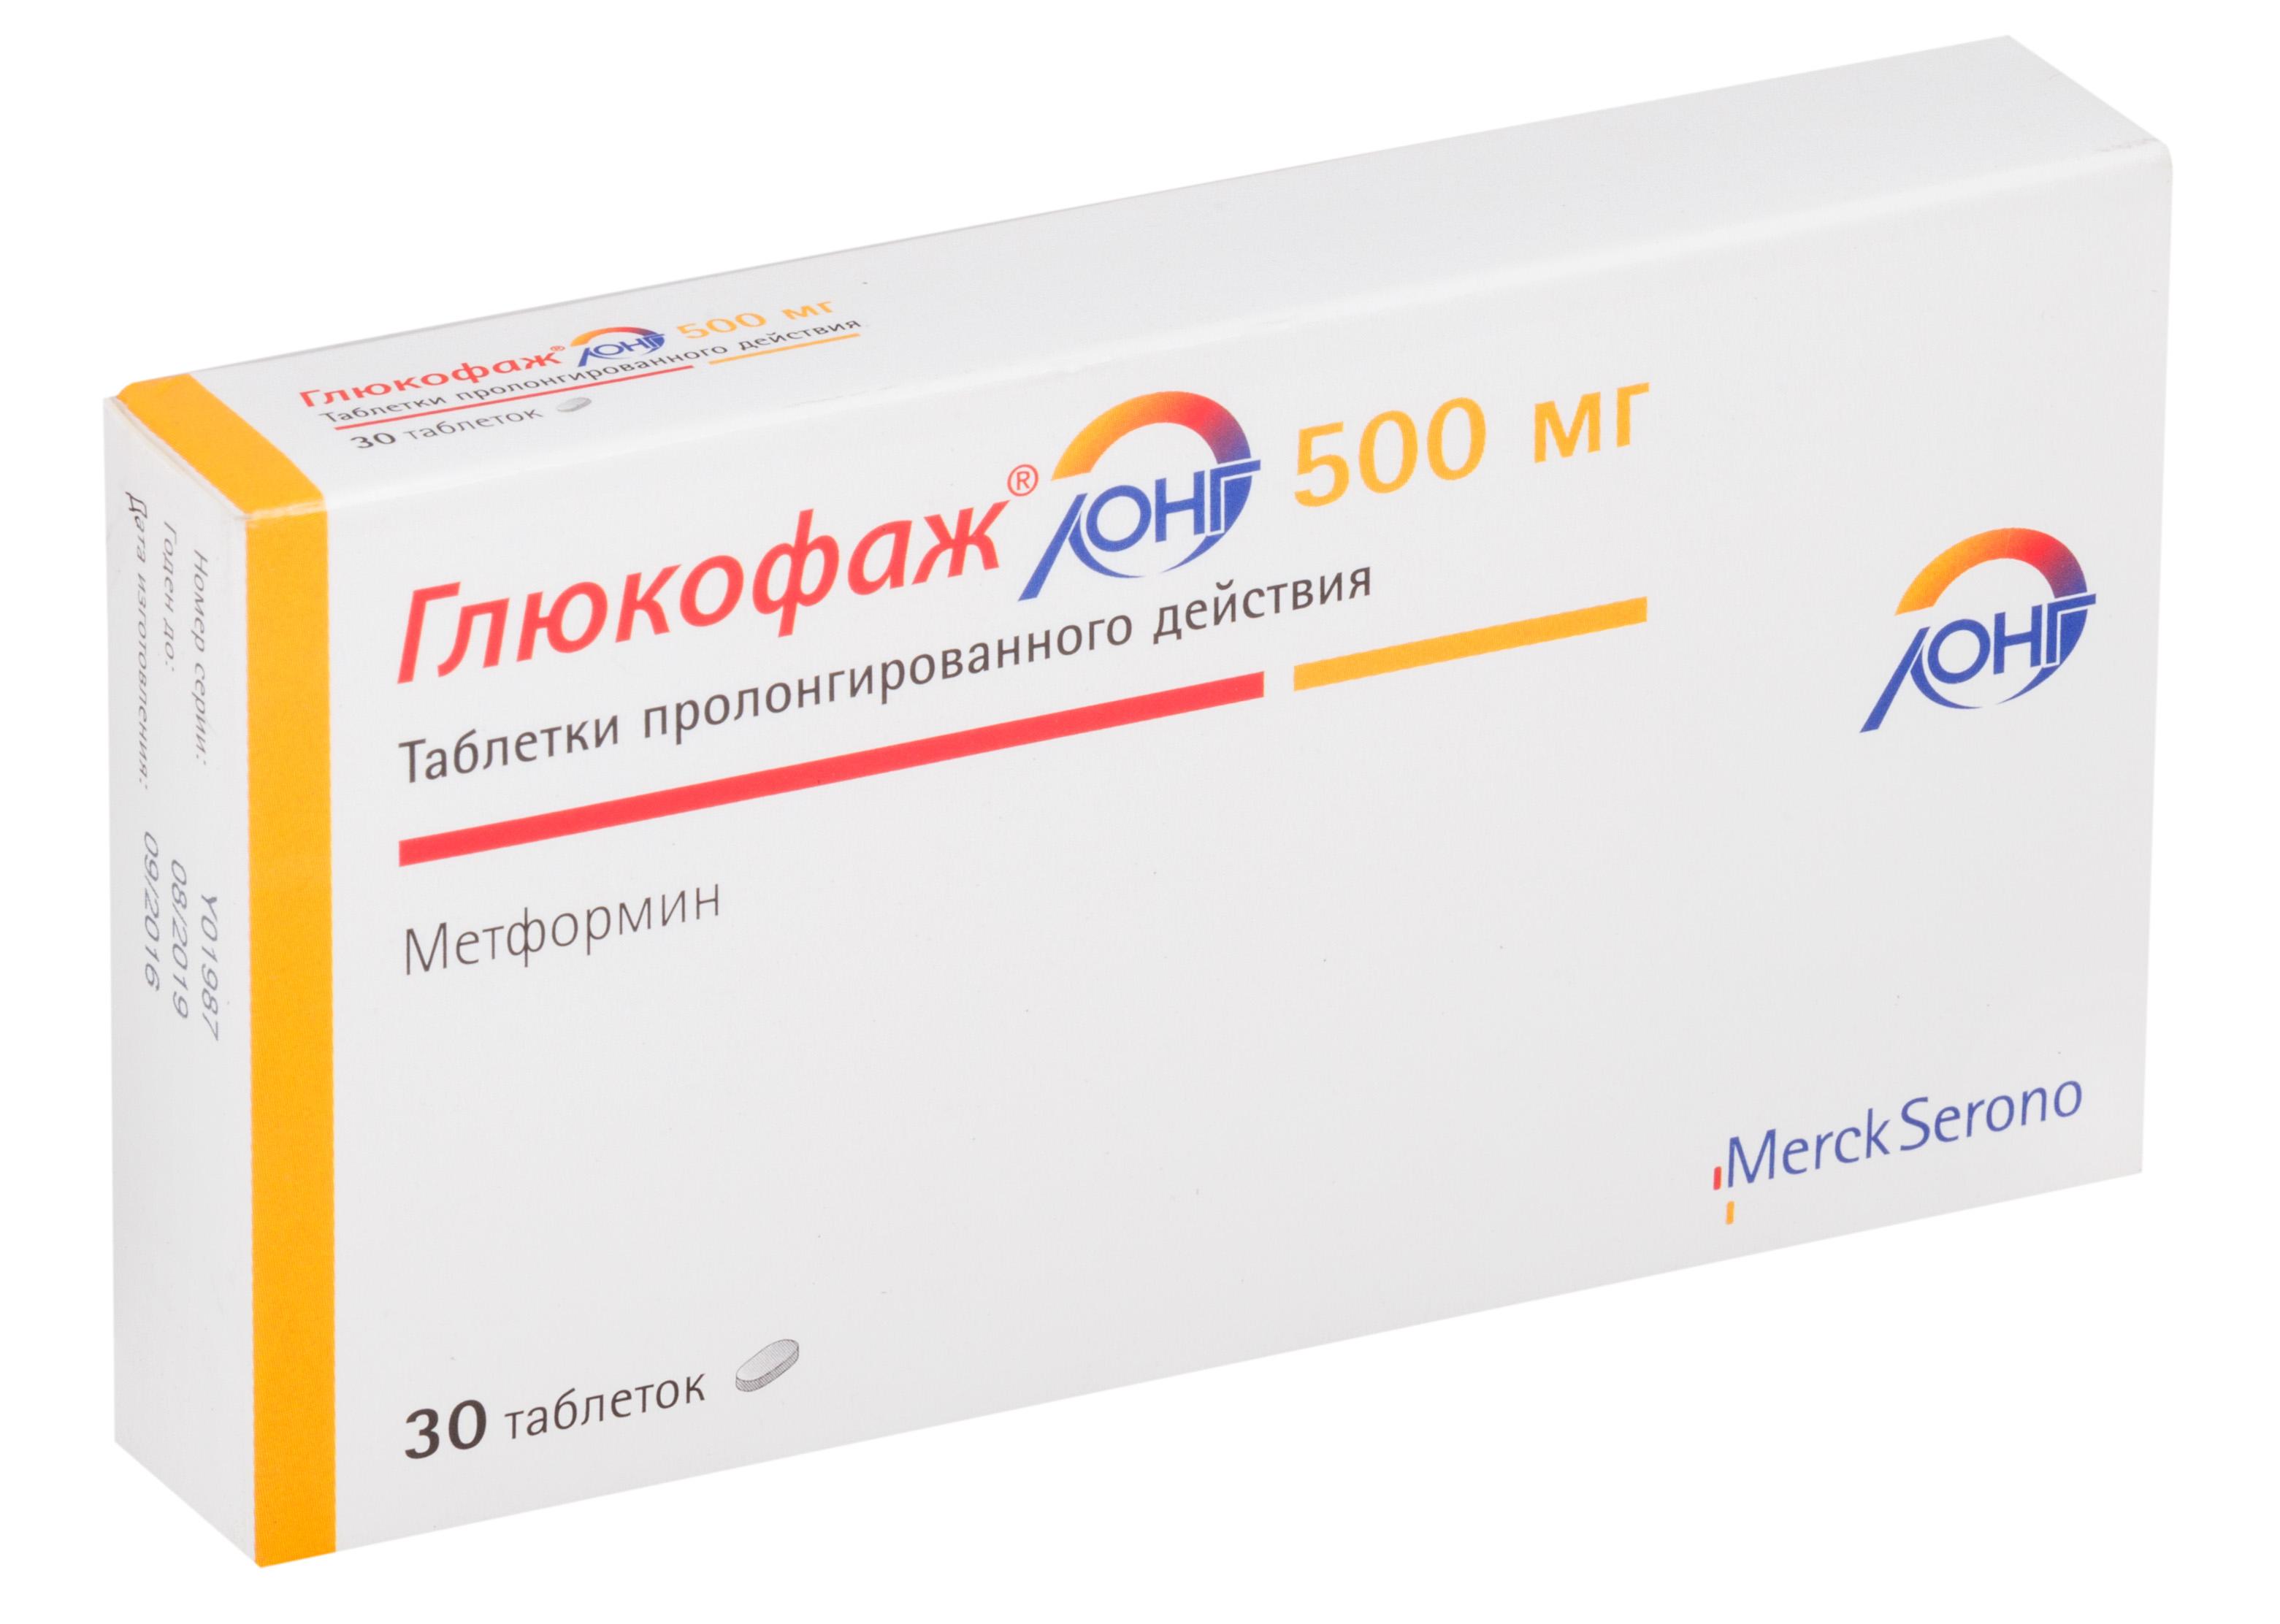 Сахароснижающие Препараты Для Похудения. Таблетки для похудения в аптеке 👌 рейтинг лучших в 2020 году